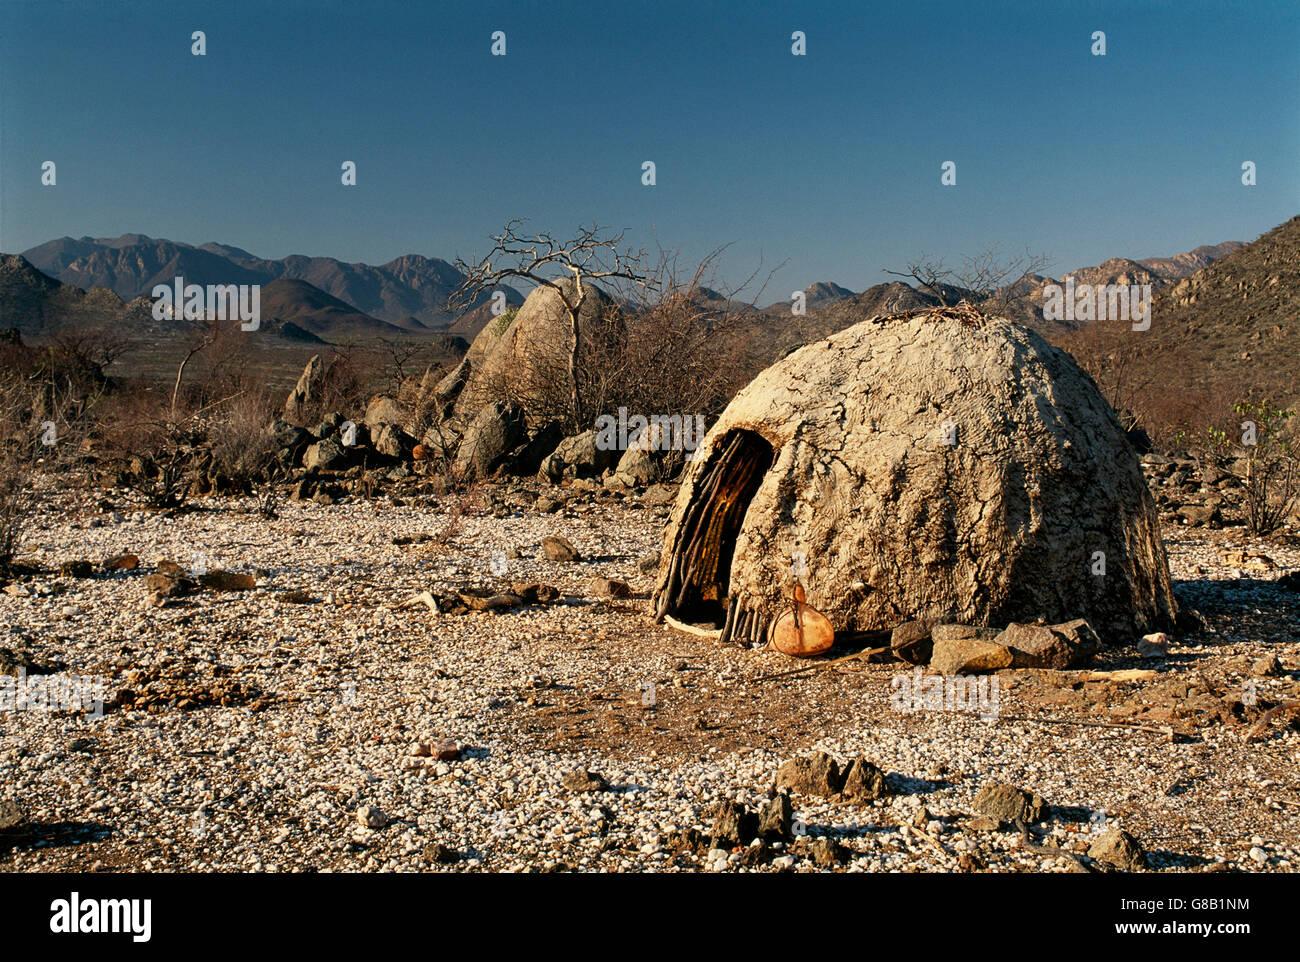 Angola, Himba hut - Stock Image